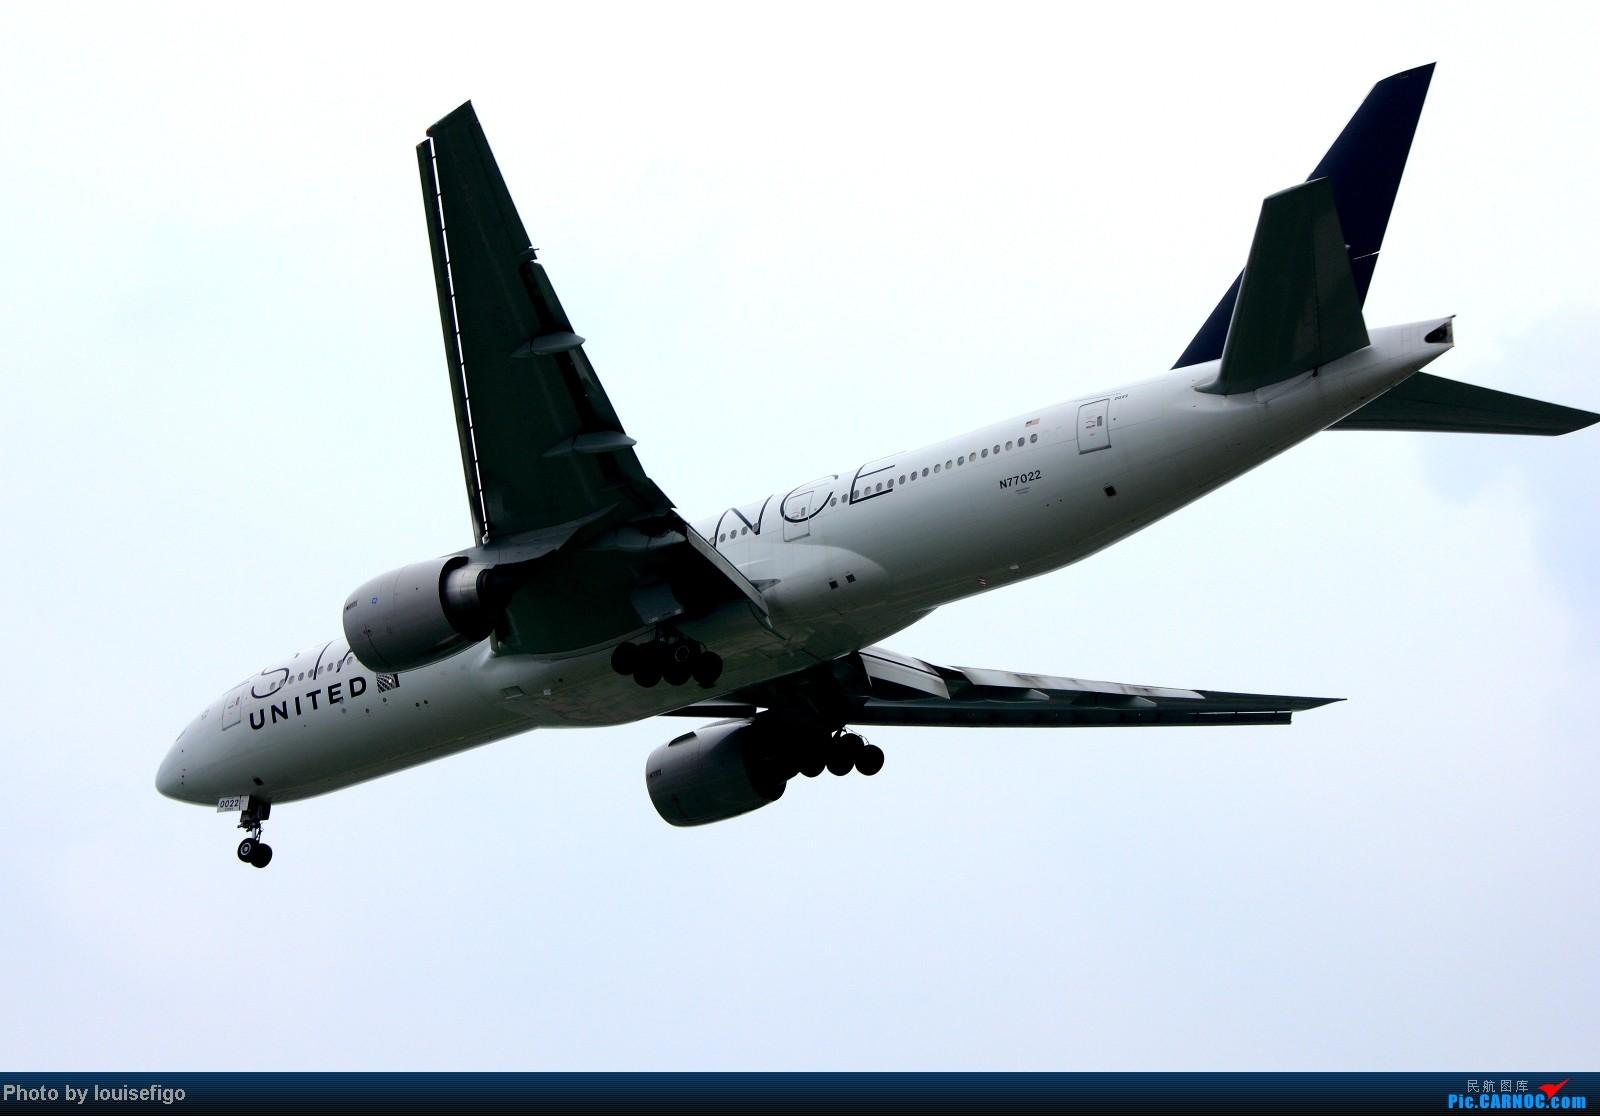 Re:[原创]星空联盟7-23北京代表大会,与会代表来自中美韩埃!~~可惜老天爷貌似对某些代表有情绪! BOEING 777-200 N77022 北京首都国际机场